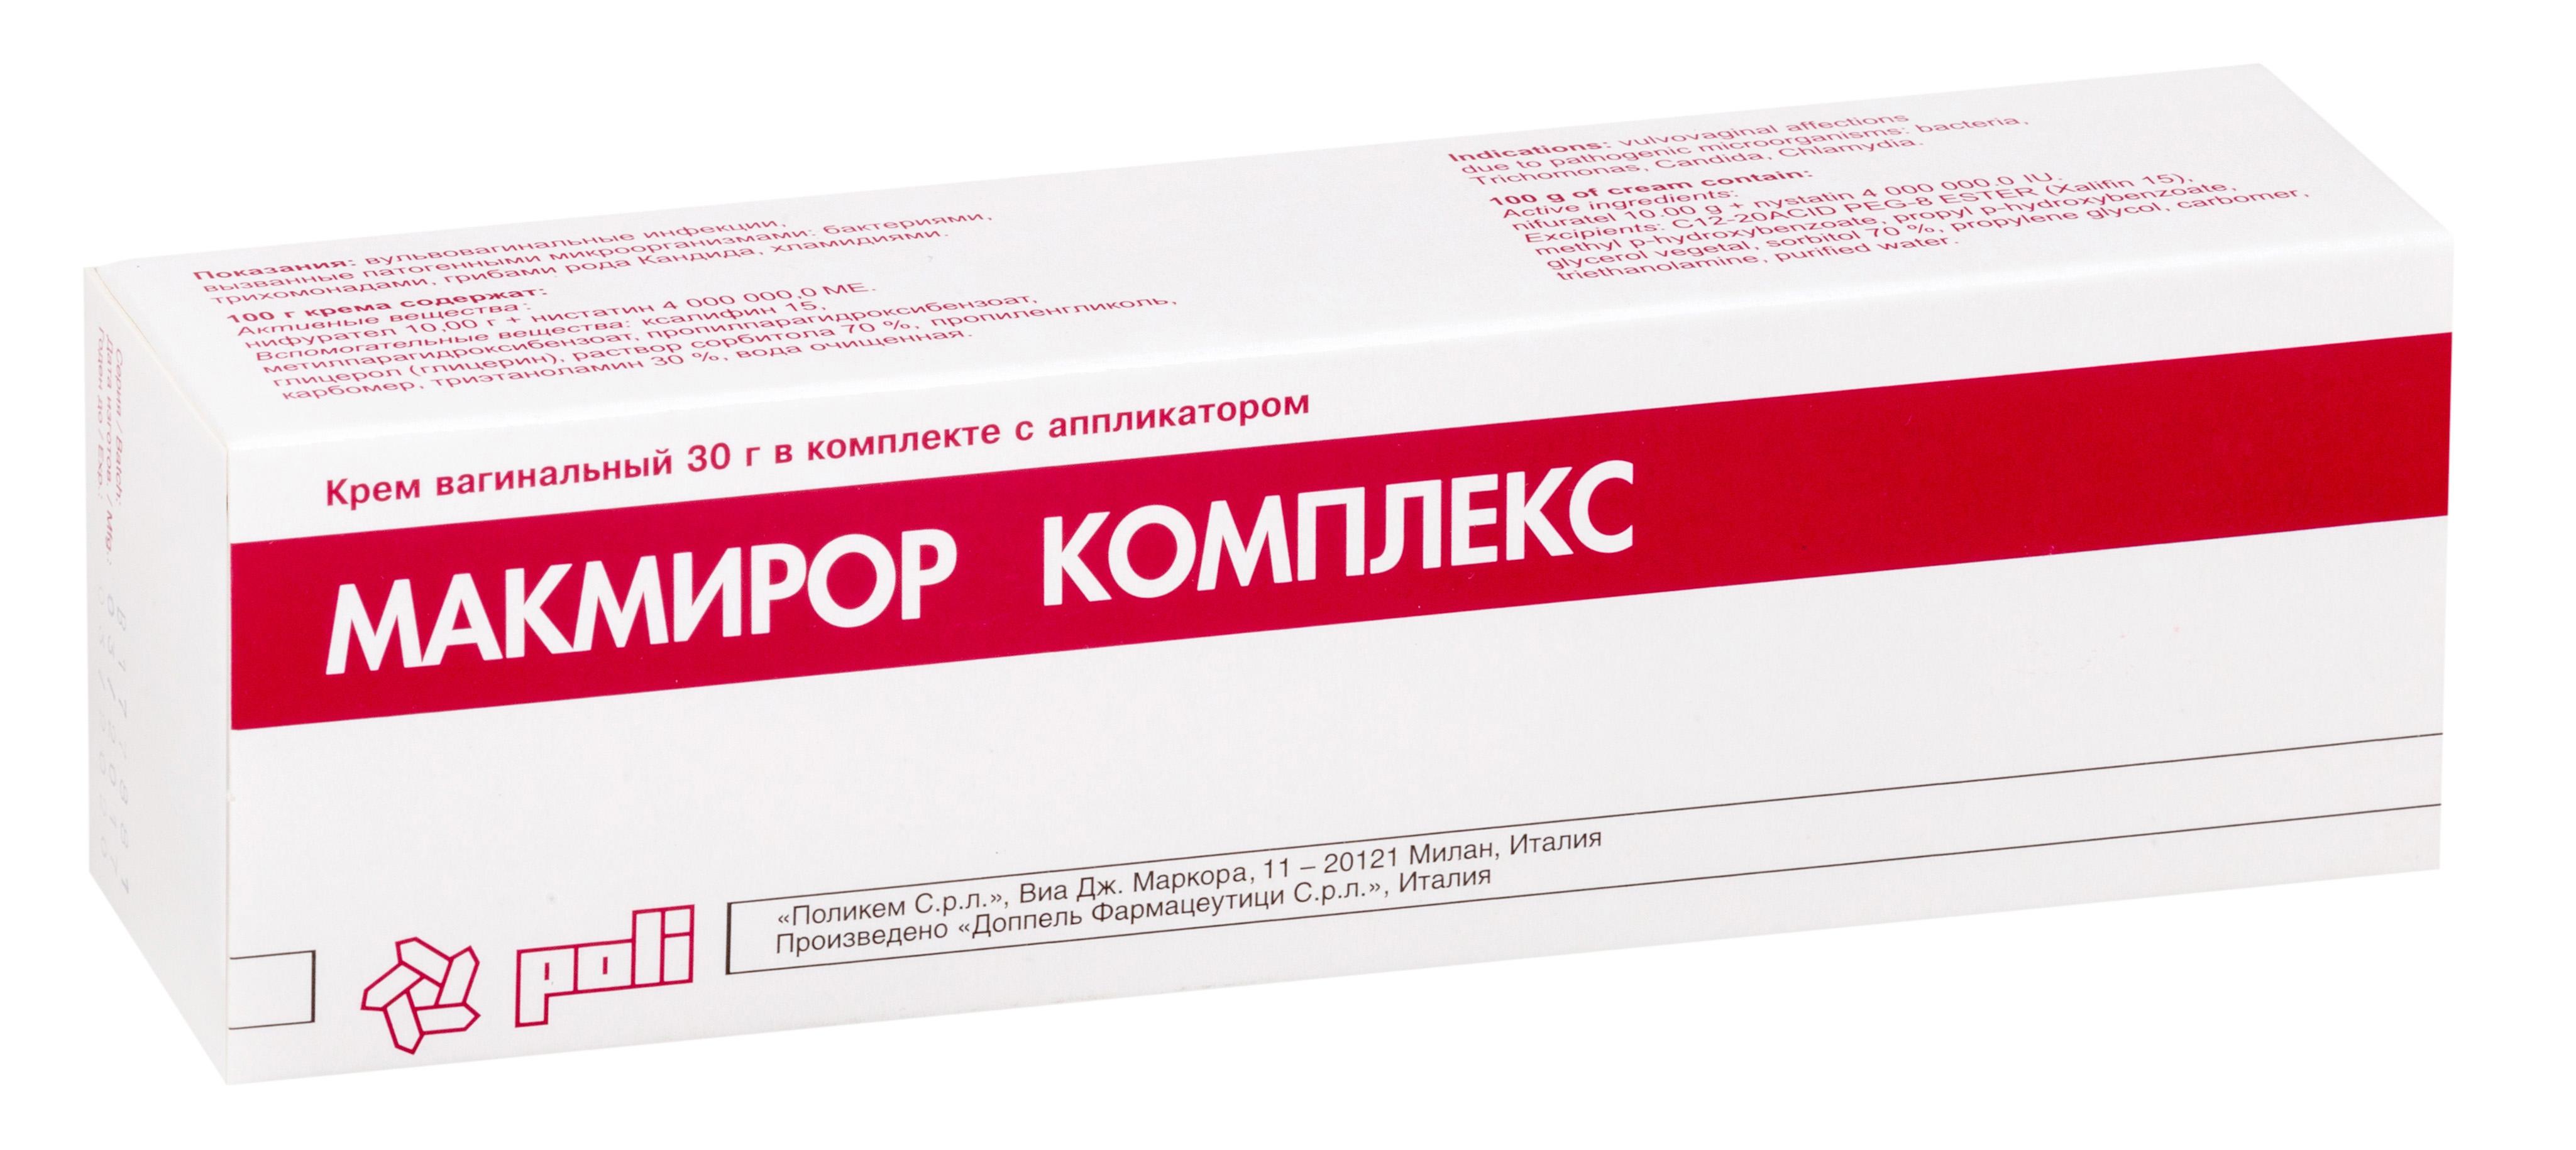 Макмирор комплекс крем ваг. 30г